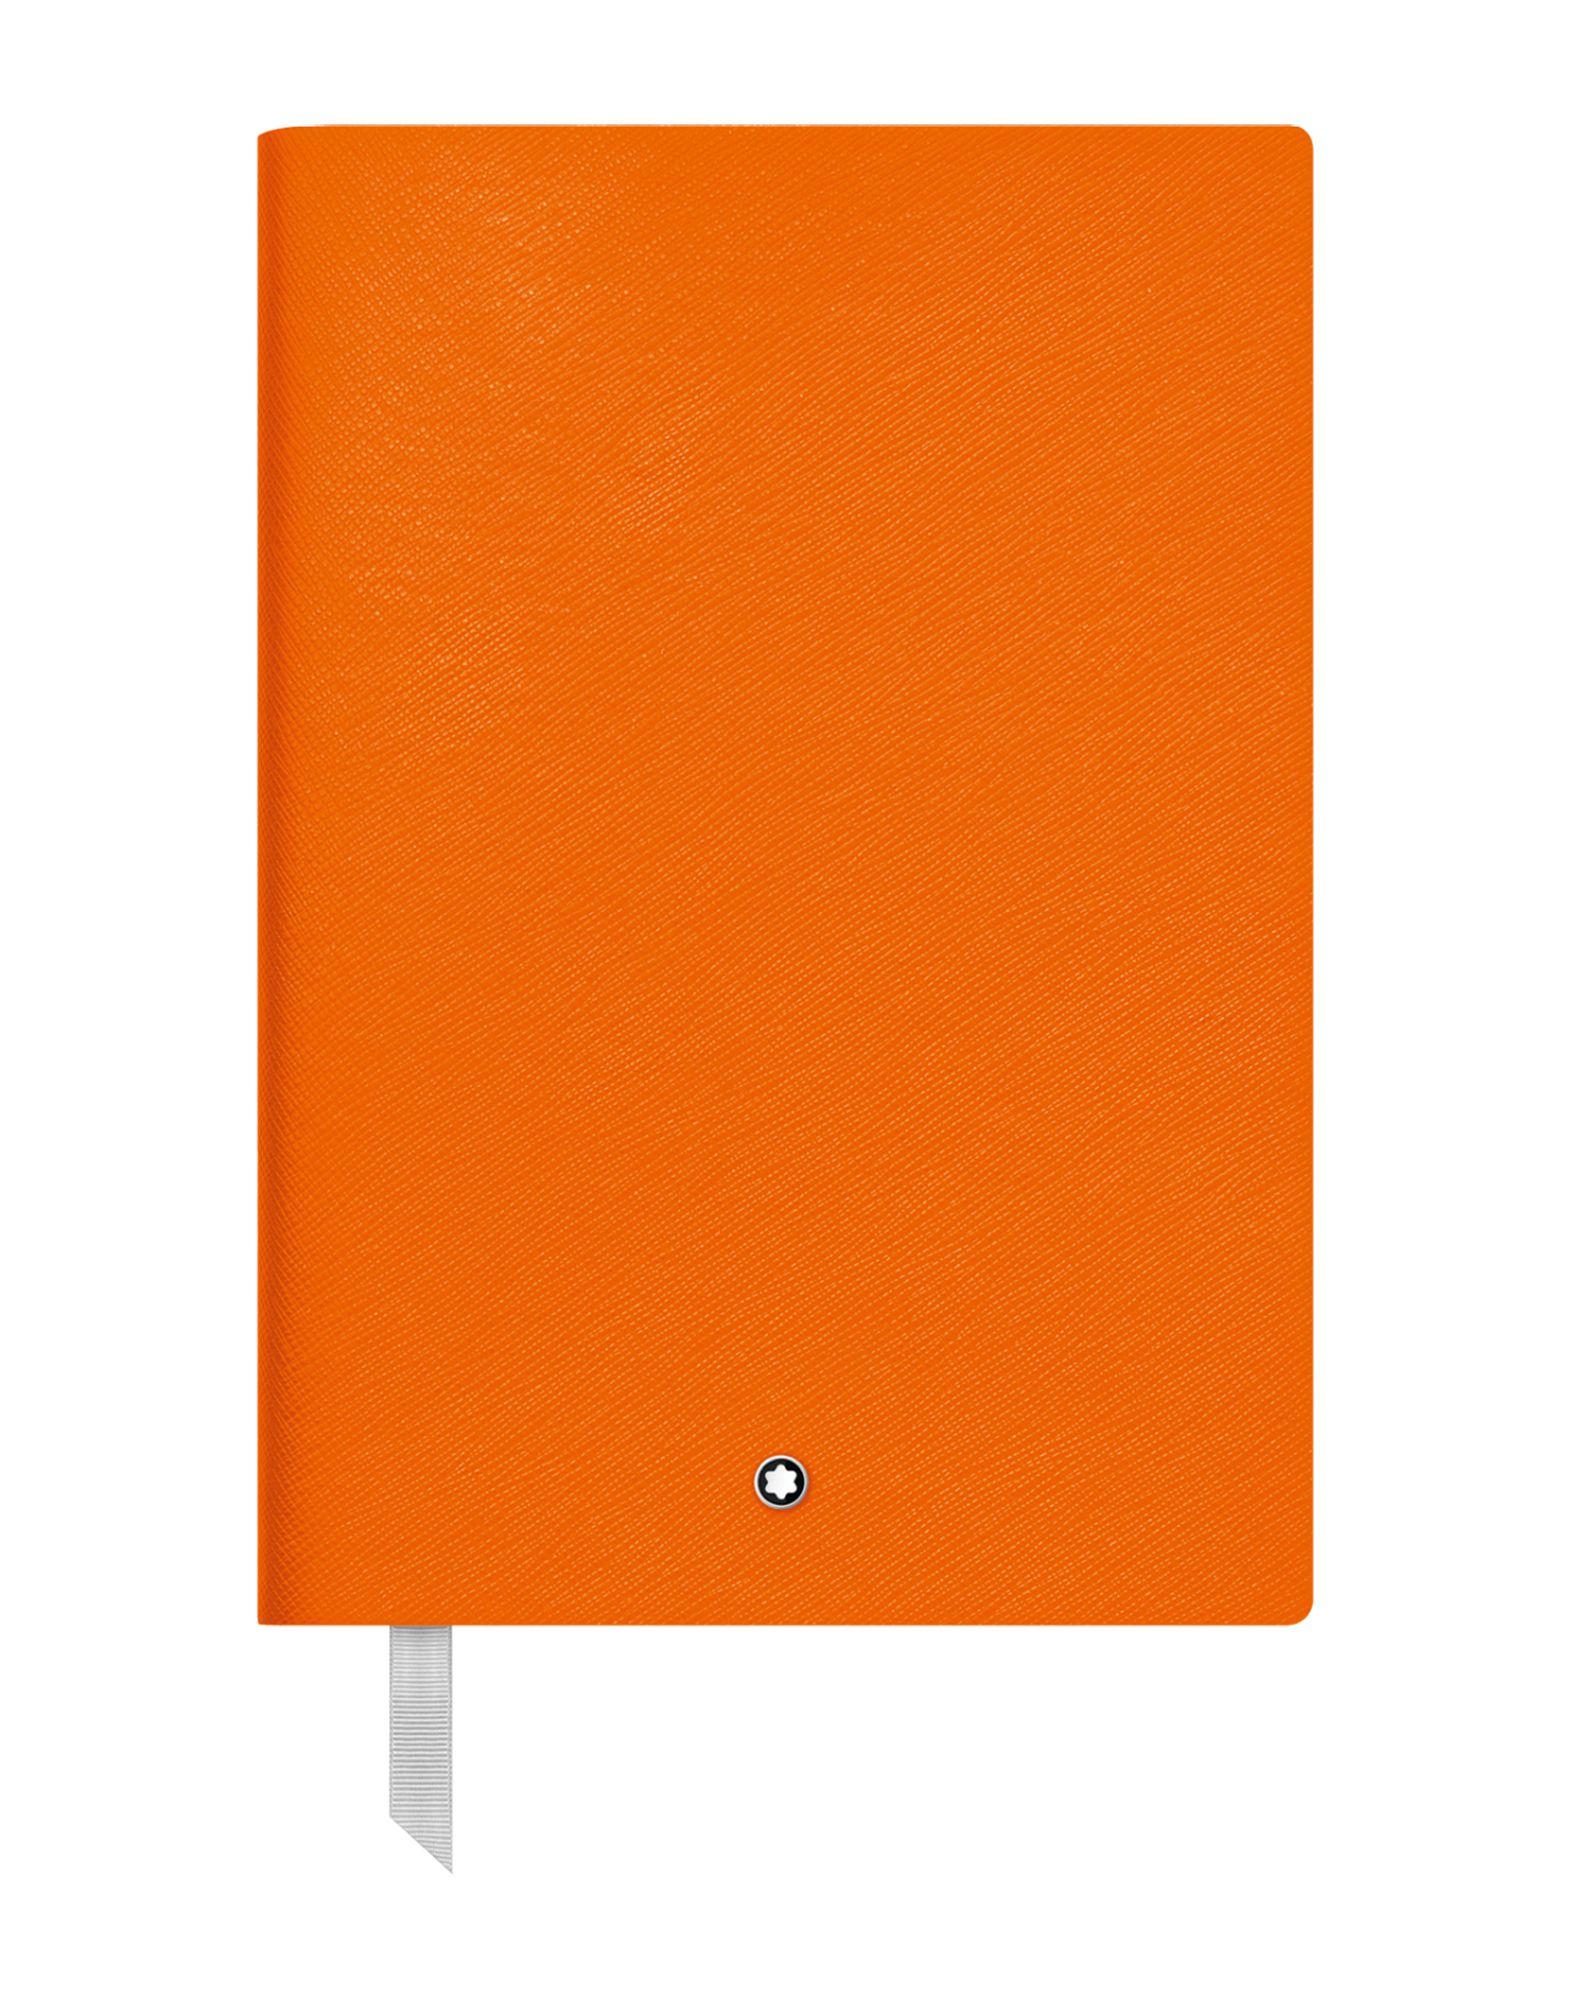 《期間限定セール中》MONTBLANC レディース ノート オレンジ 指定外繊維(紙) / 牛革(カーフ) Fine Stationery Notebook #146 Lucky Orange, lined